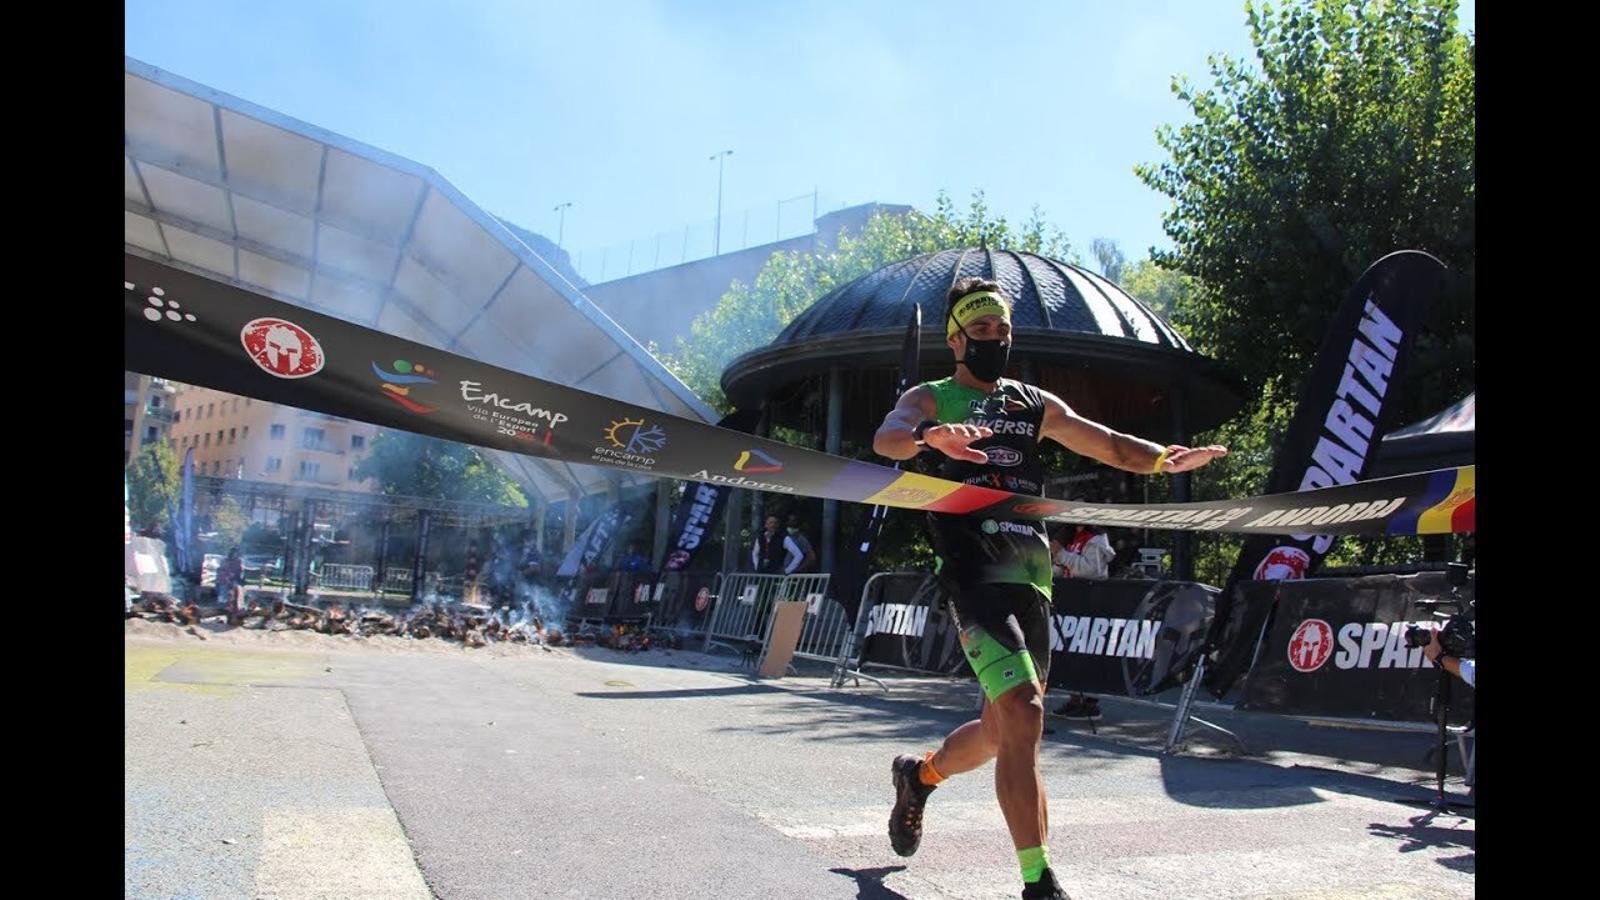 Cinquena edició de l'Spartan Race a Encamp